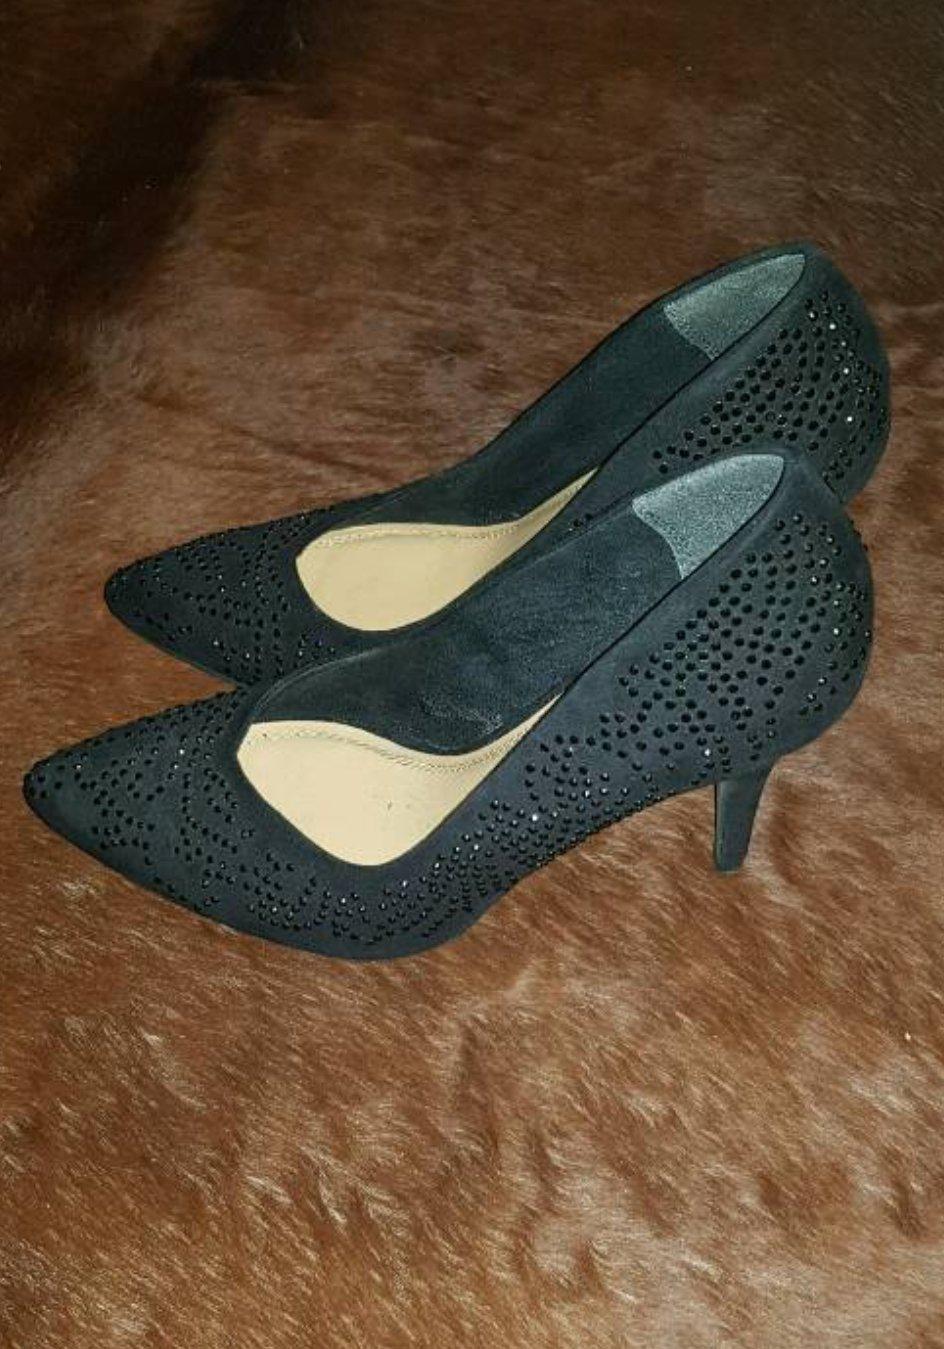 e1038790b12191 yessica - Schöne schwarze High-Heels mit Glitzersteinen ...